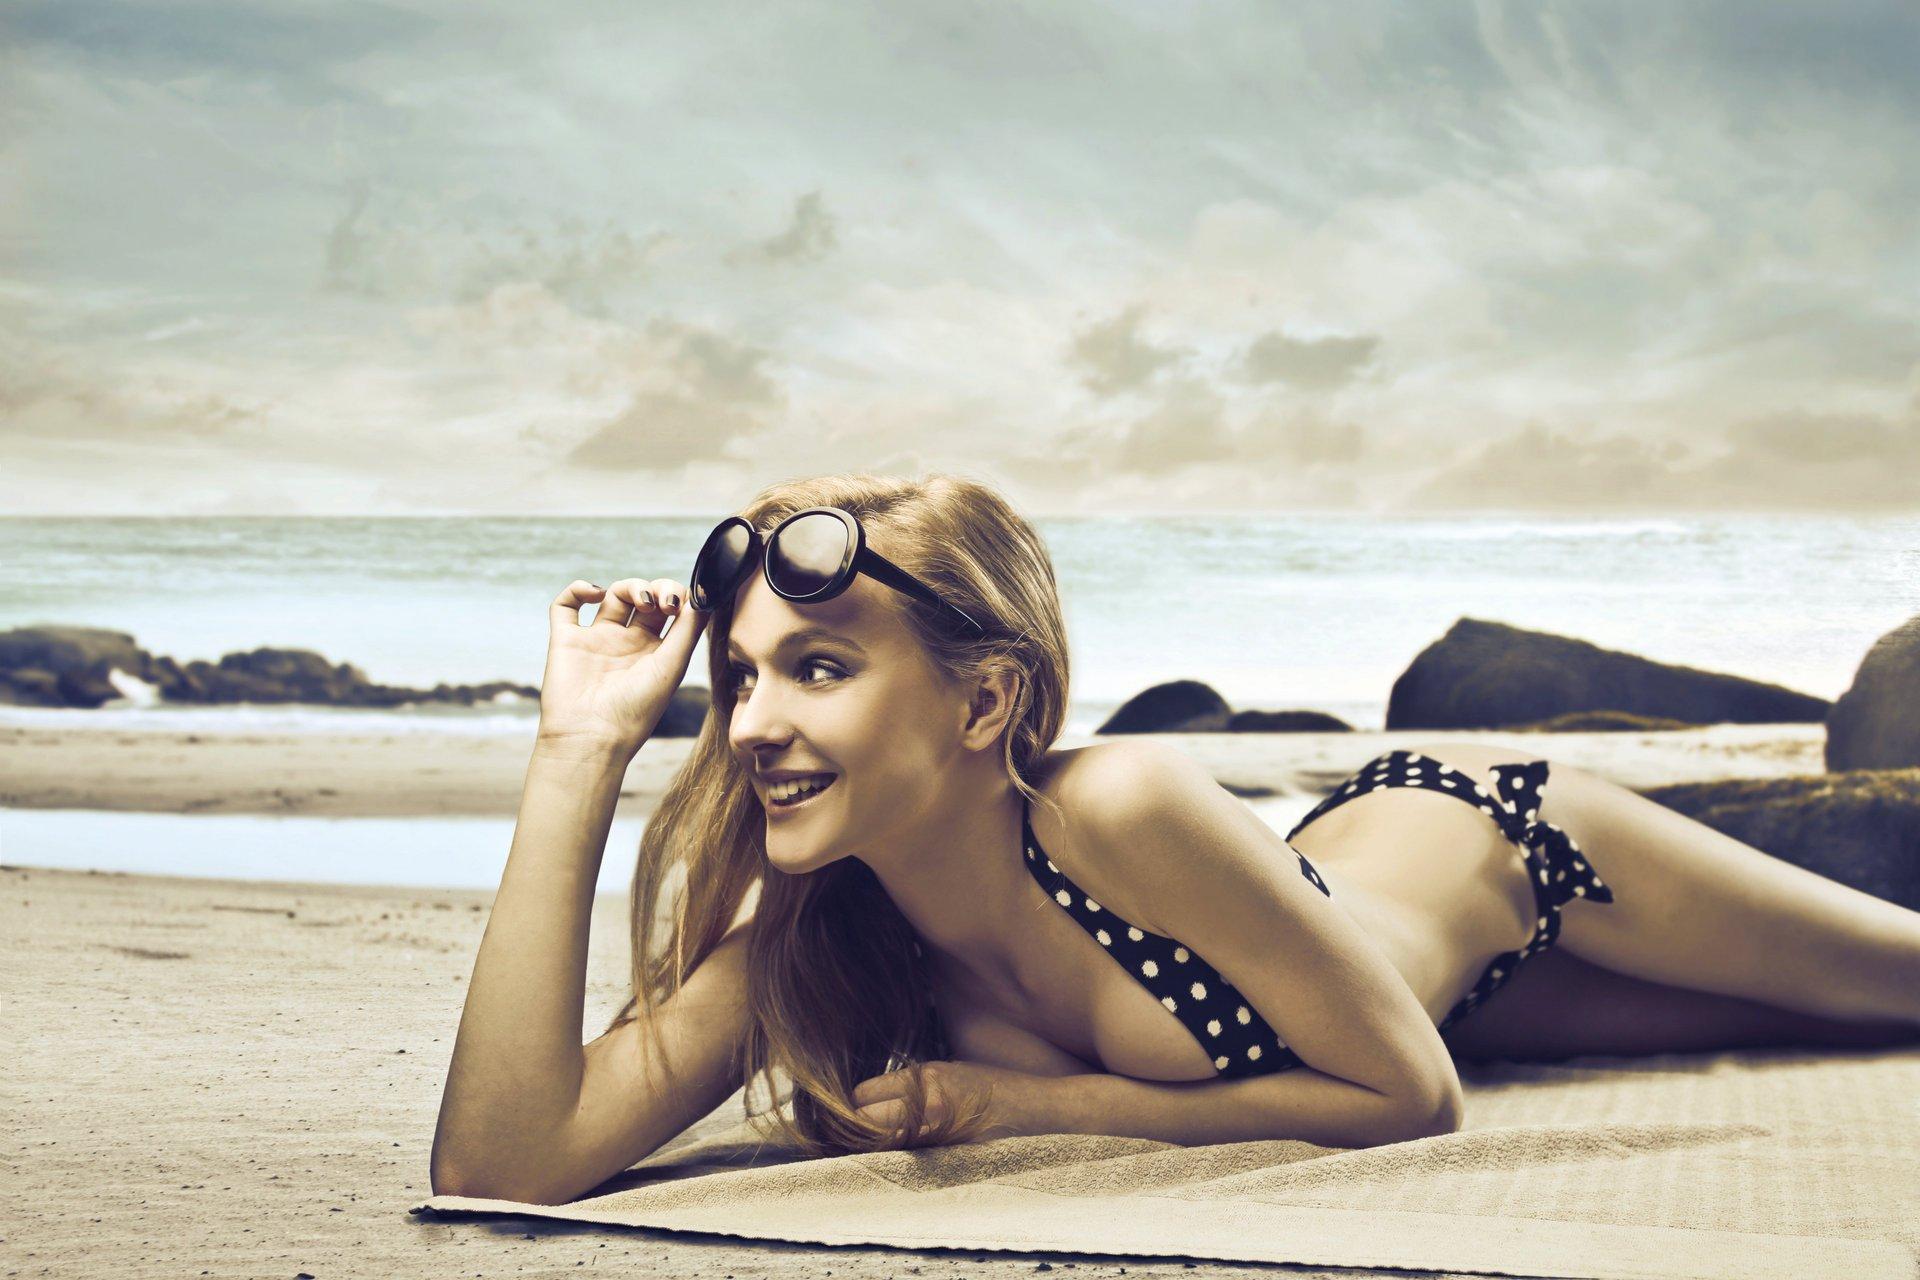 Девушка пляж купальник очки бесплатно